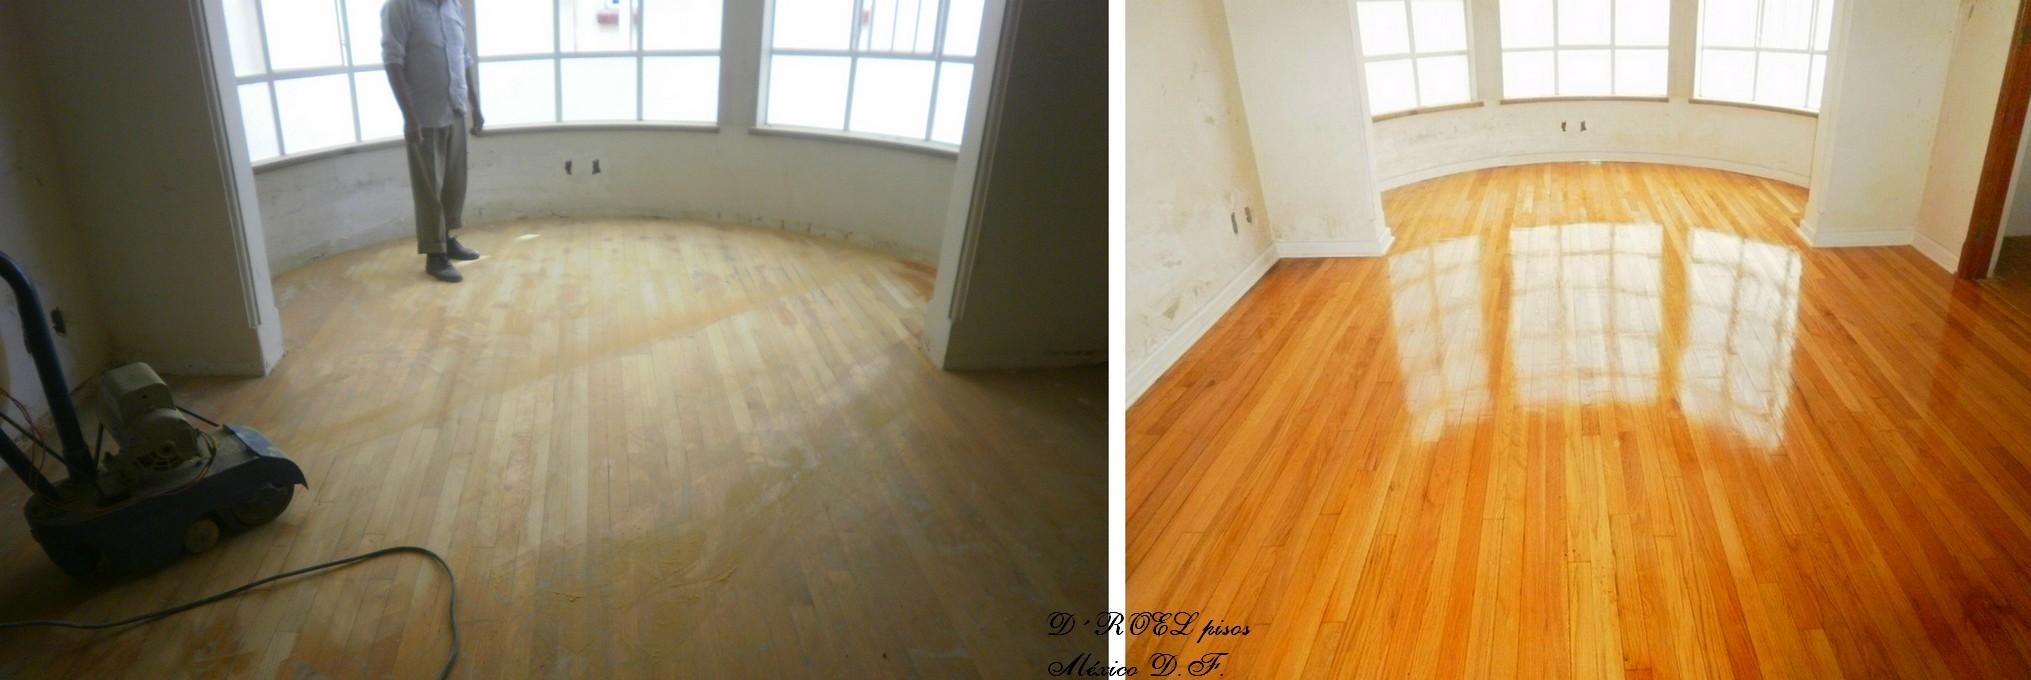 Piso granito pulido y mantenimiento en mercado for Pulido de pisos de granito